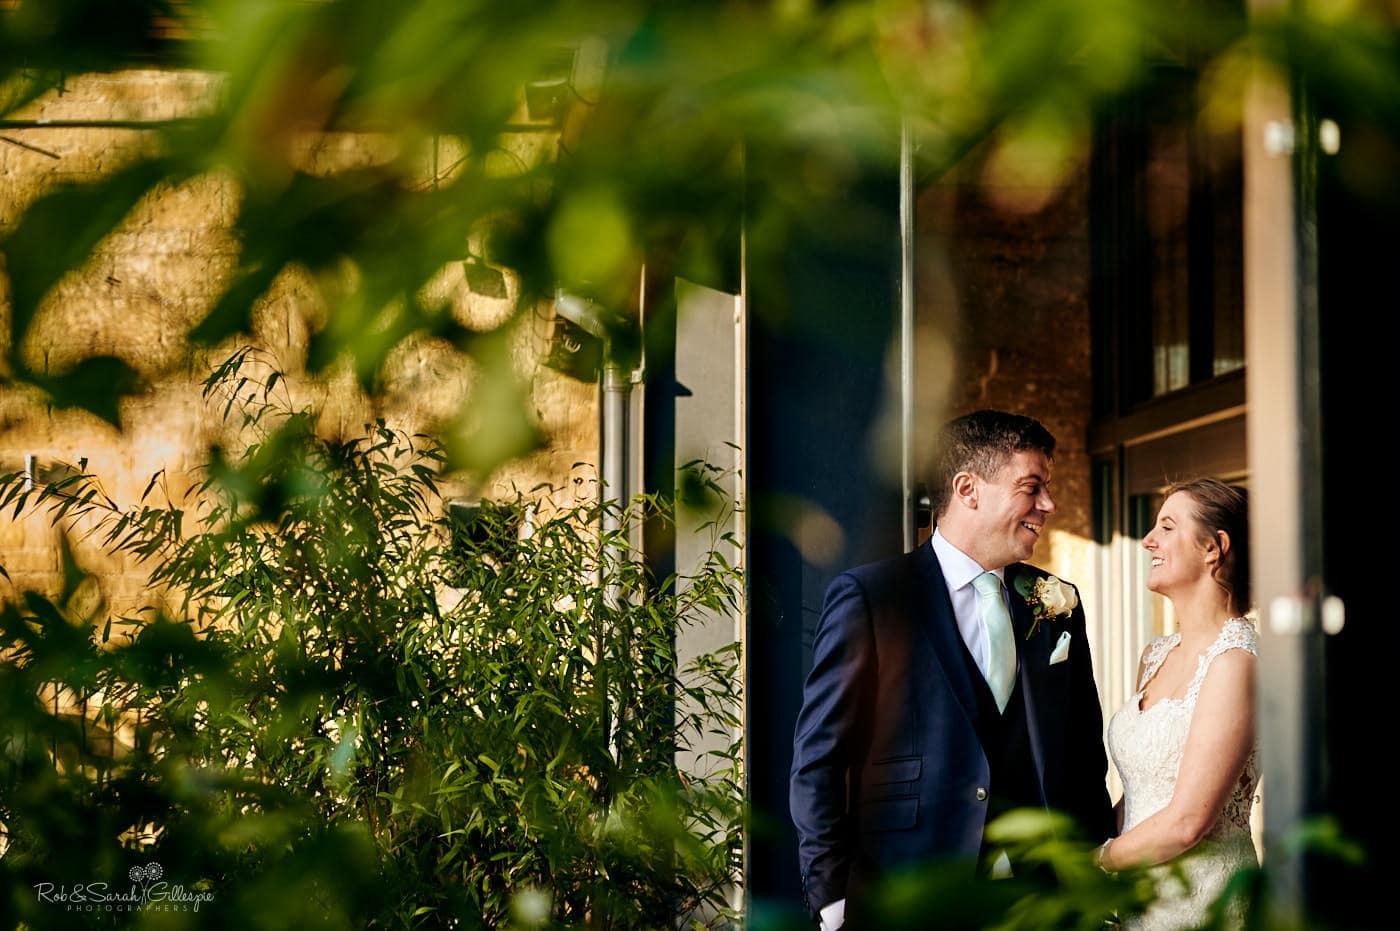 Couple photos at wedding